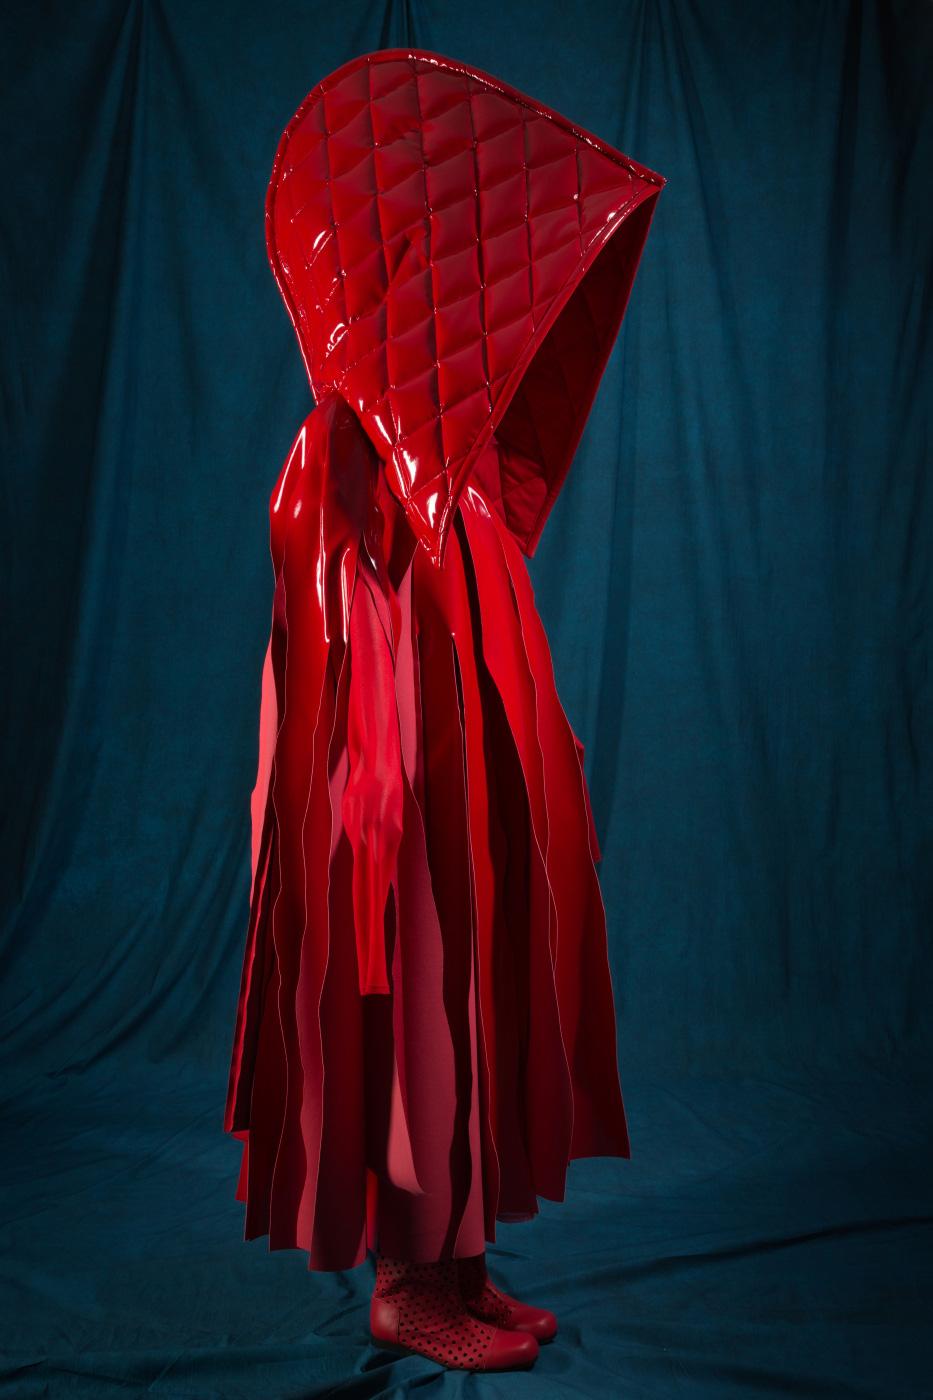 '빨간 망토' 주인공의 심볼과도 같은 꼼데가르송의 케이프 앙상블, 2015 봄 컬렉션.